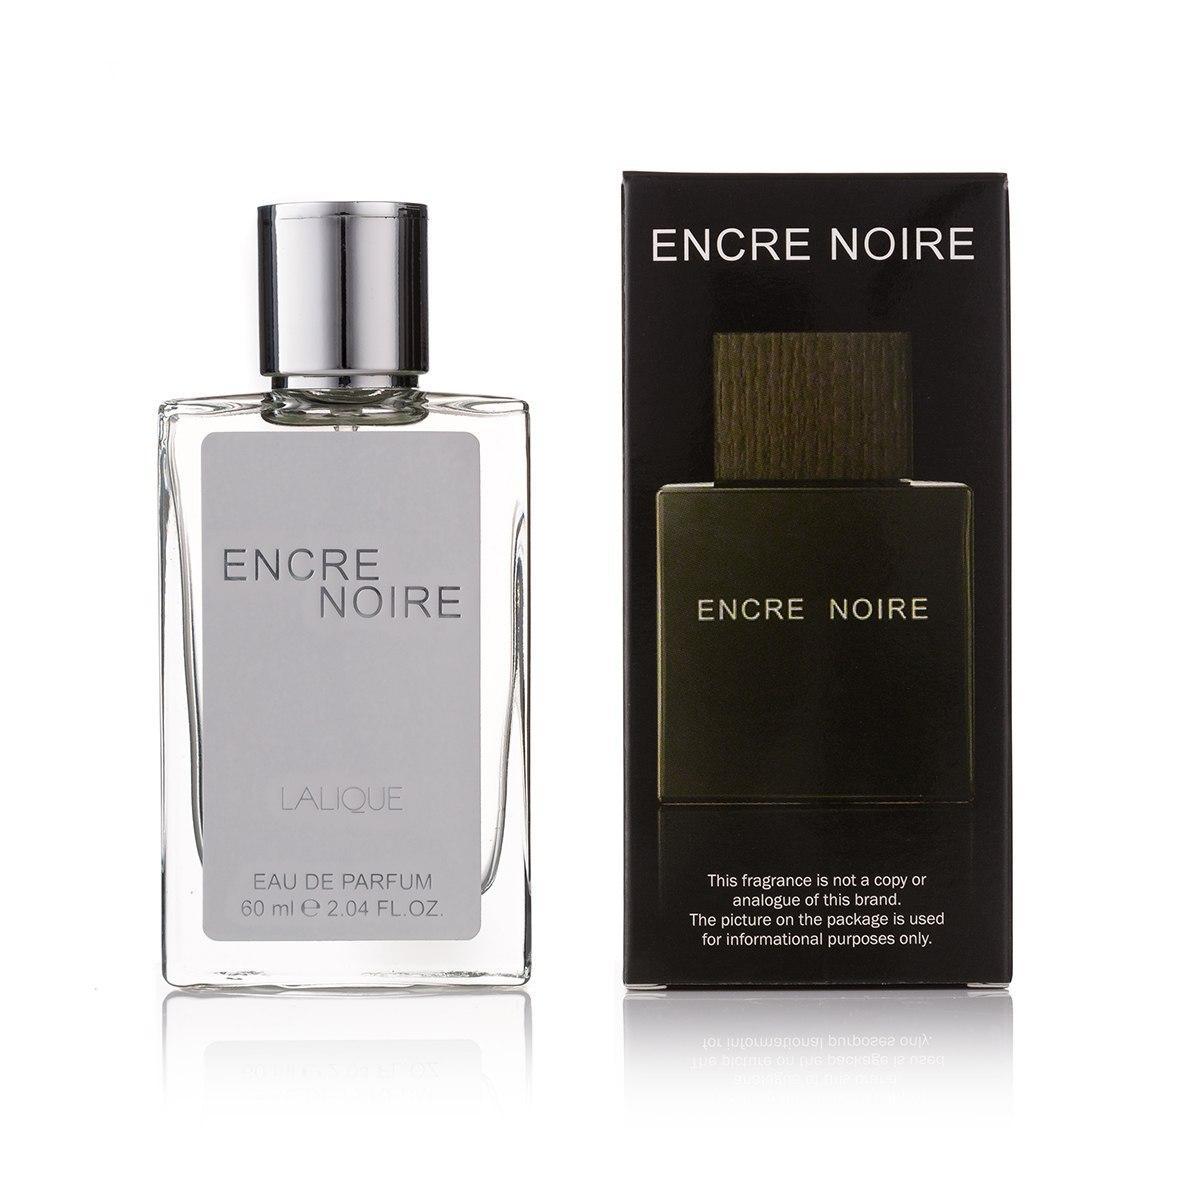 60 мл мини-парфюм Lalique Encre Noire (м)